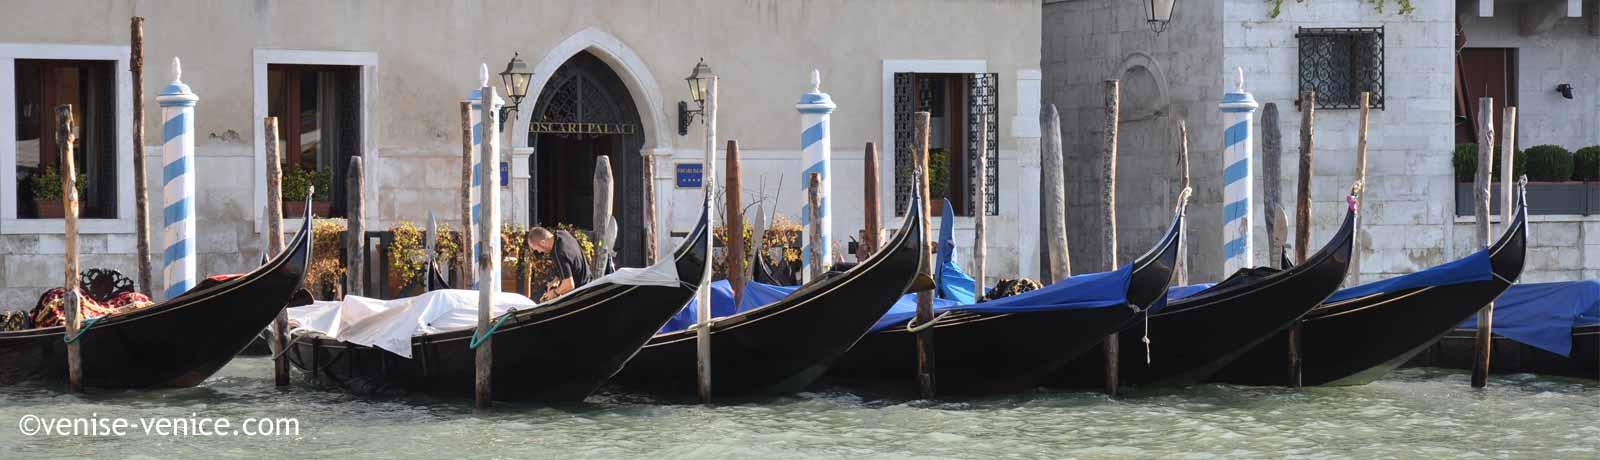 Des gondoles sont stationnées sur le grand canal à Venise